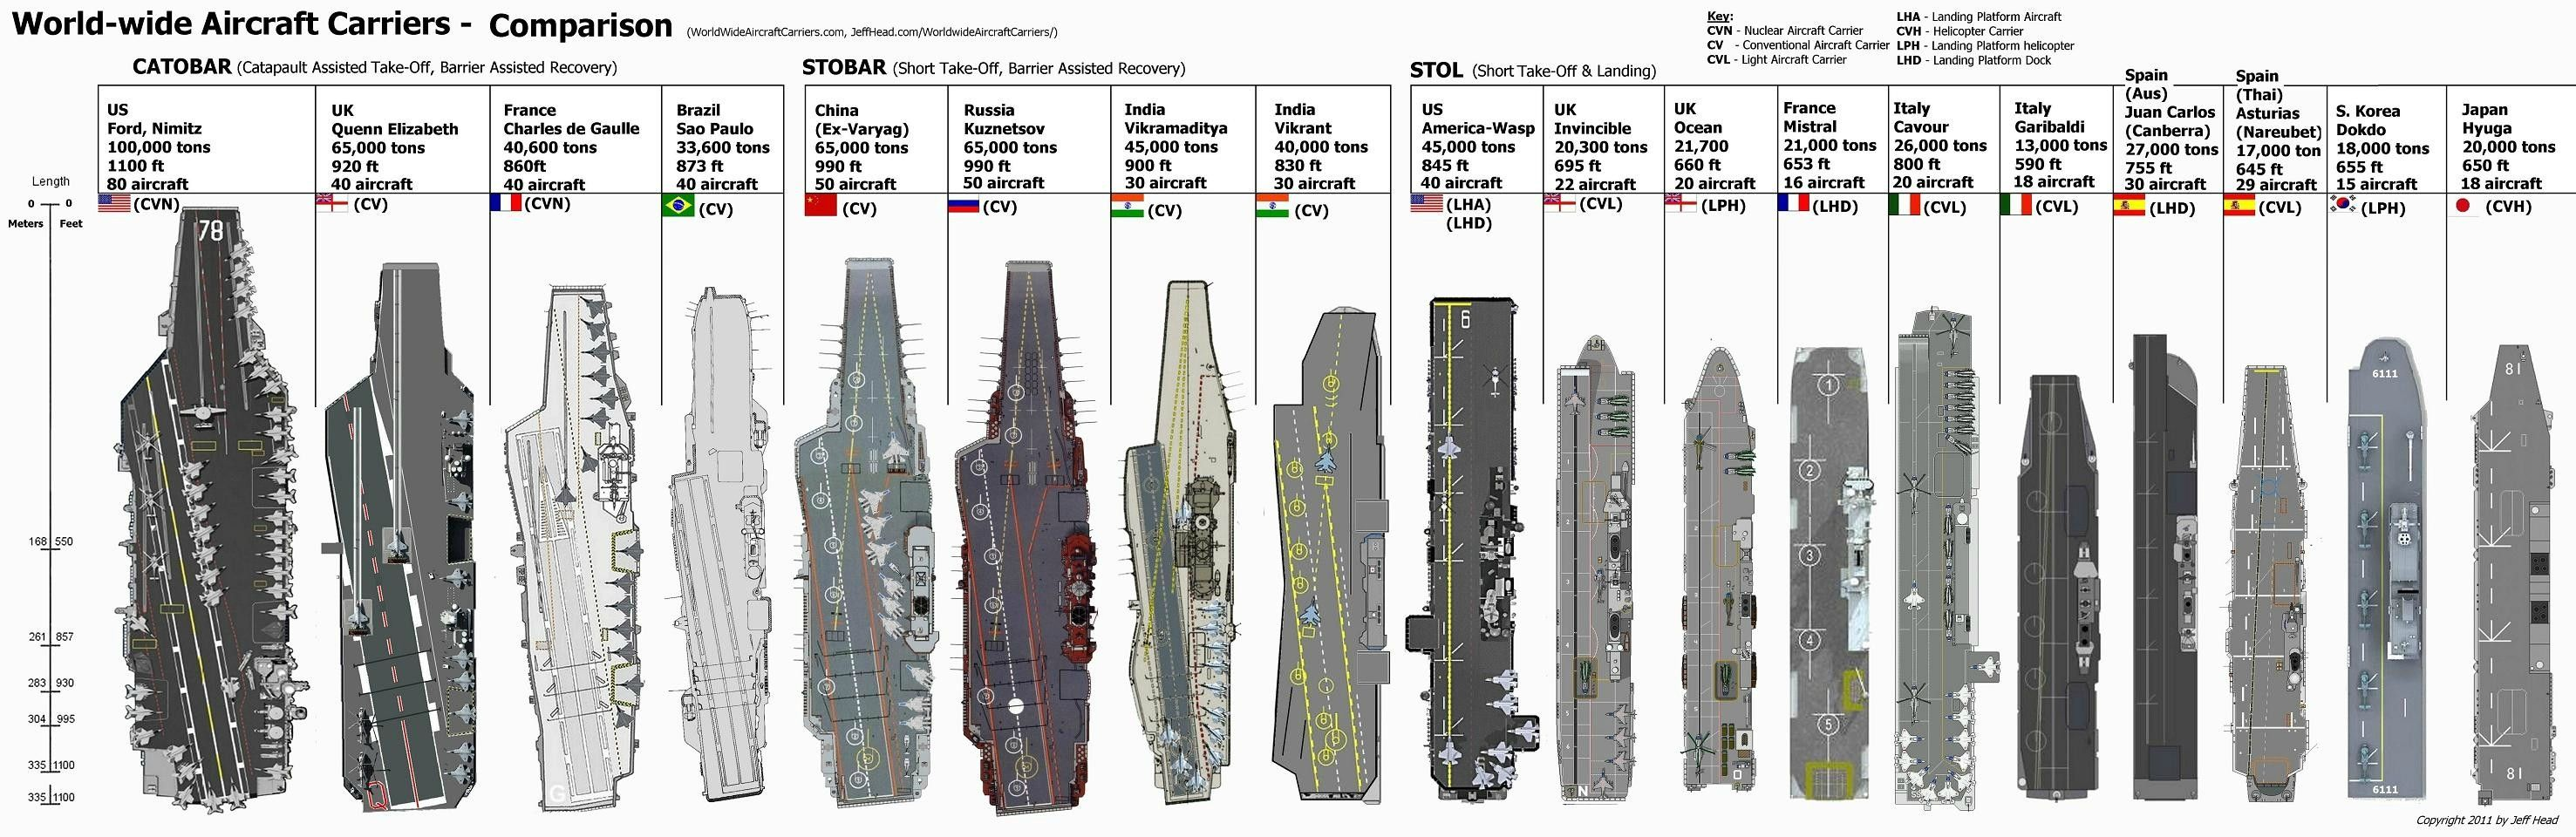 Porte-avions / Aircraft Carrier - Page 5 75f8e154ade396c2289e4b82a0ba3f8c